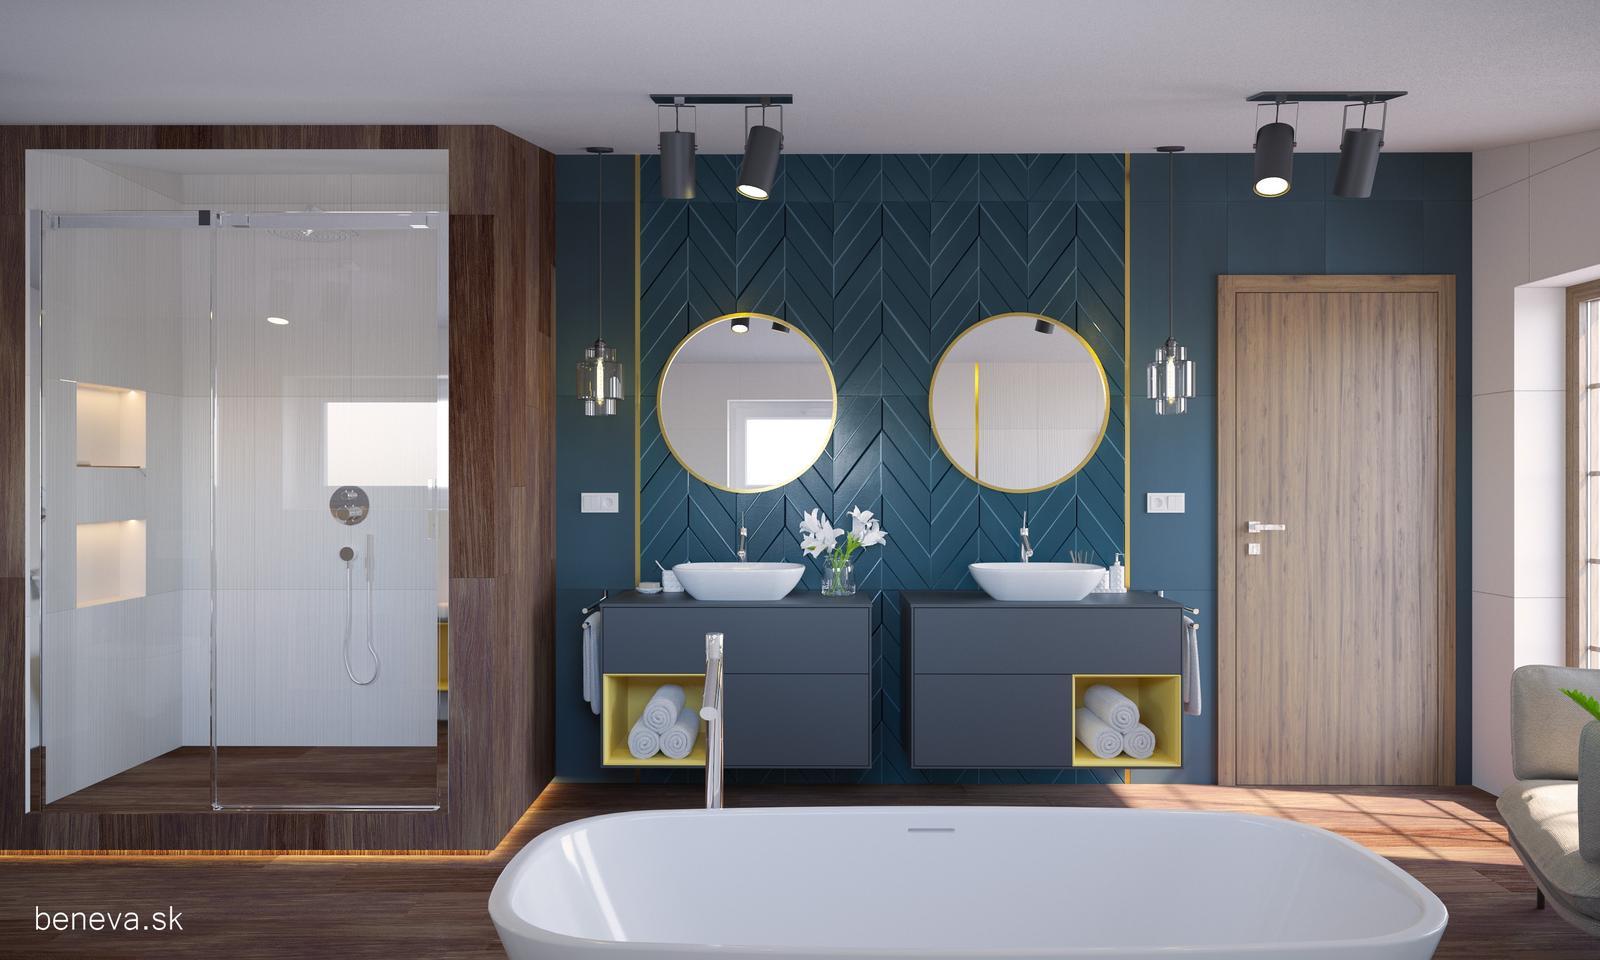 // Vizualizácia kúpeľne // - Obrázok č. 1